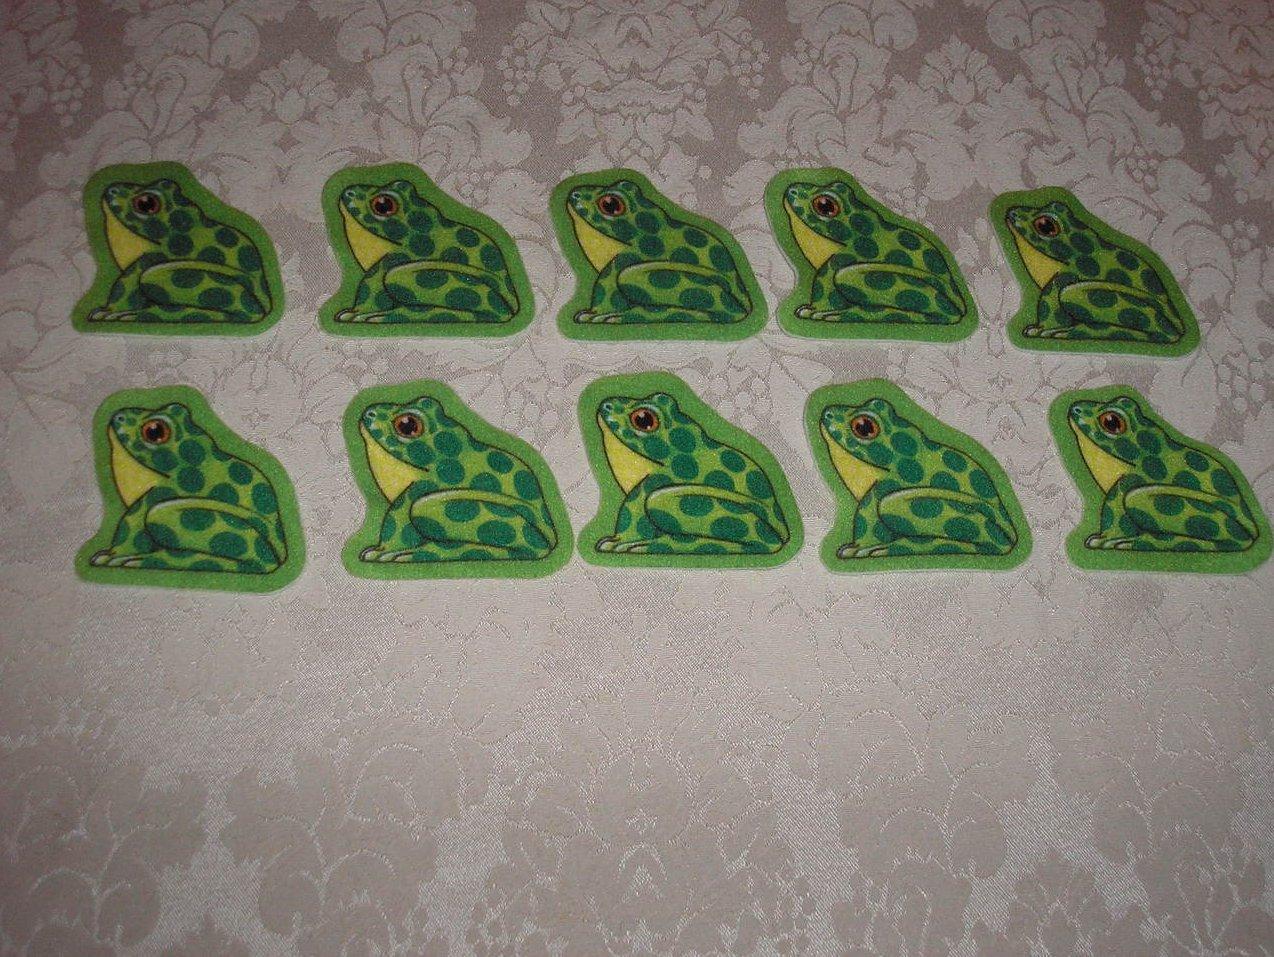 Ten Frogs Felt Pieces Felt Board Set like new